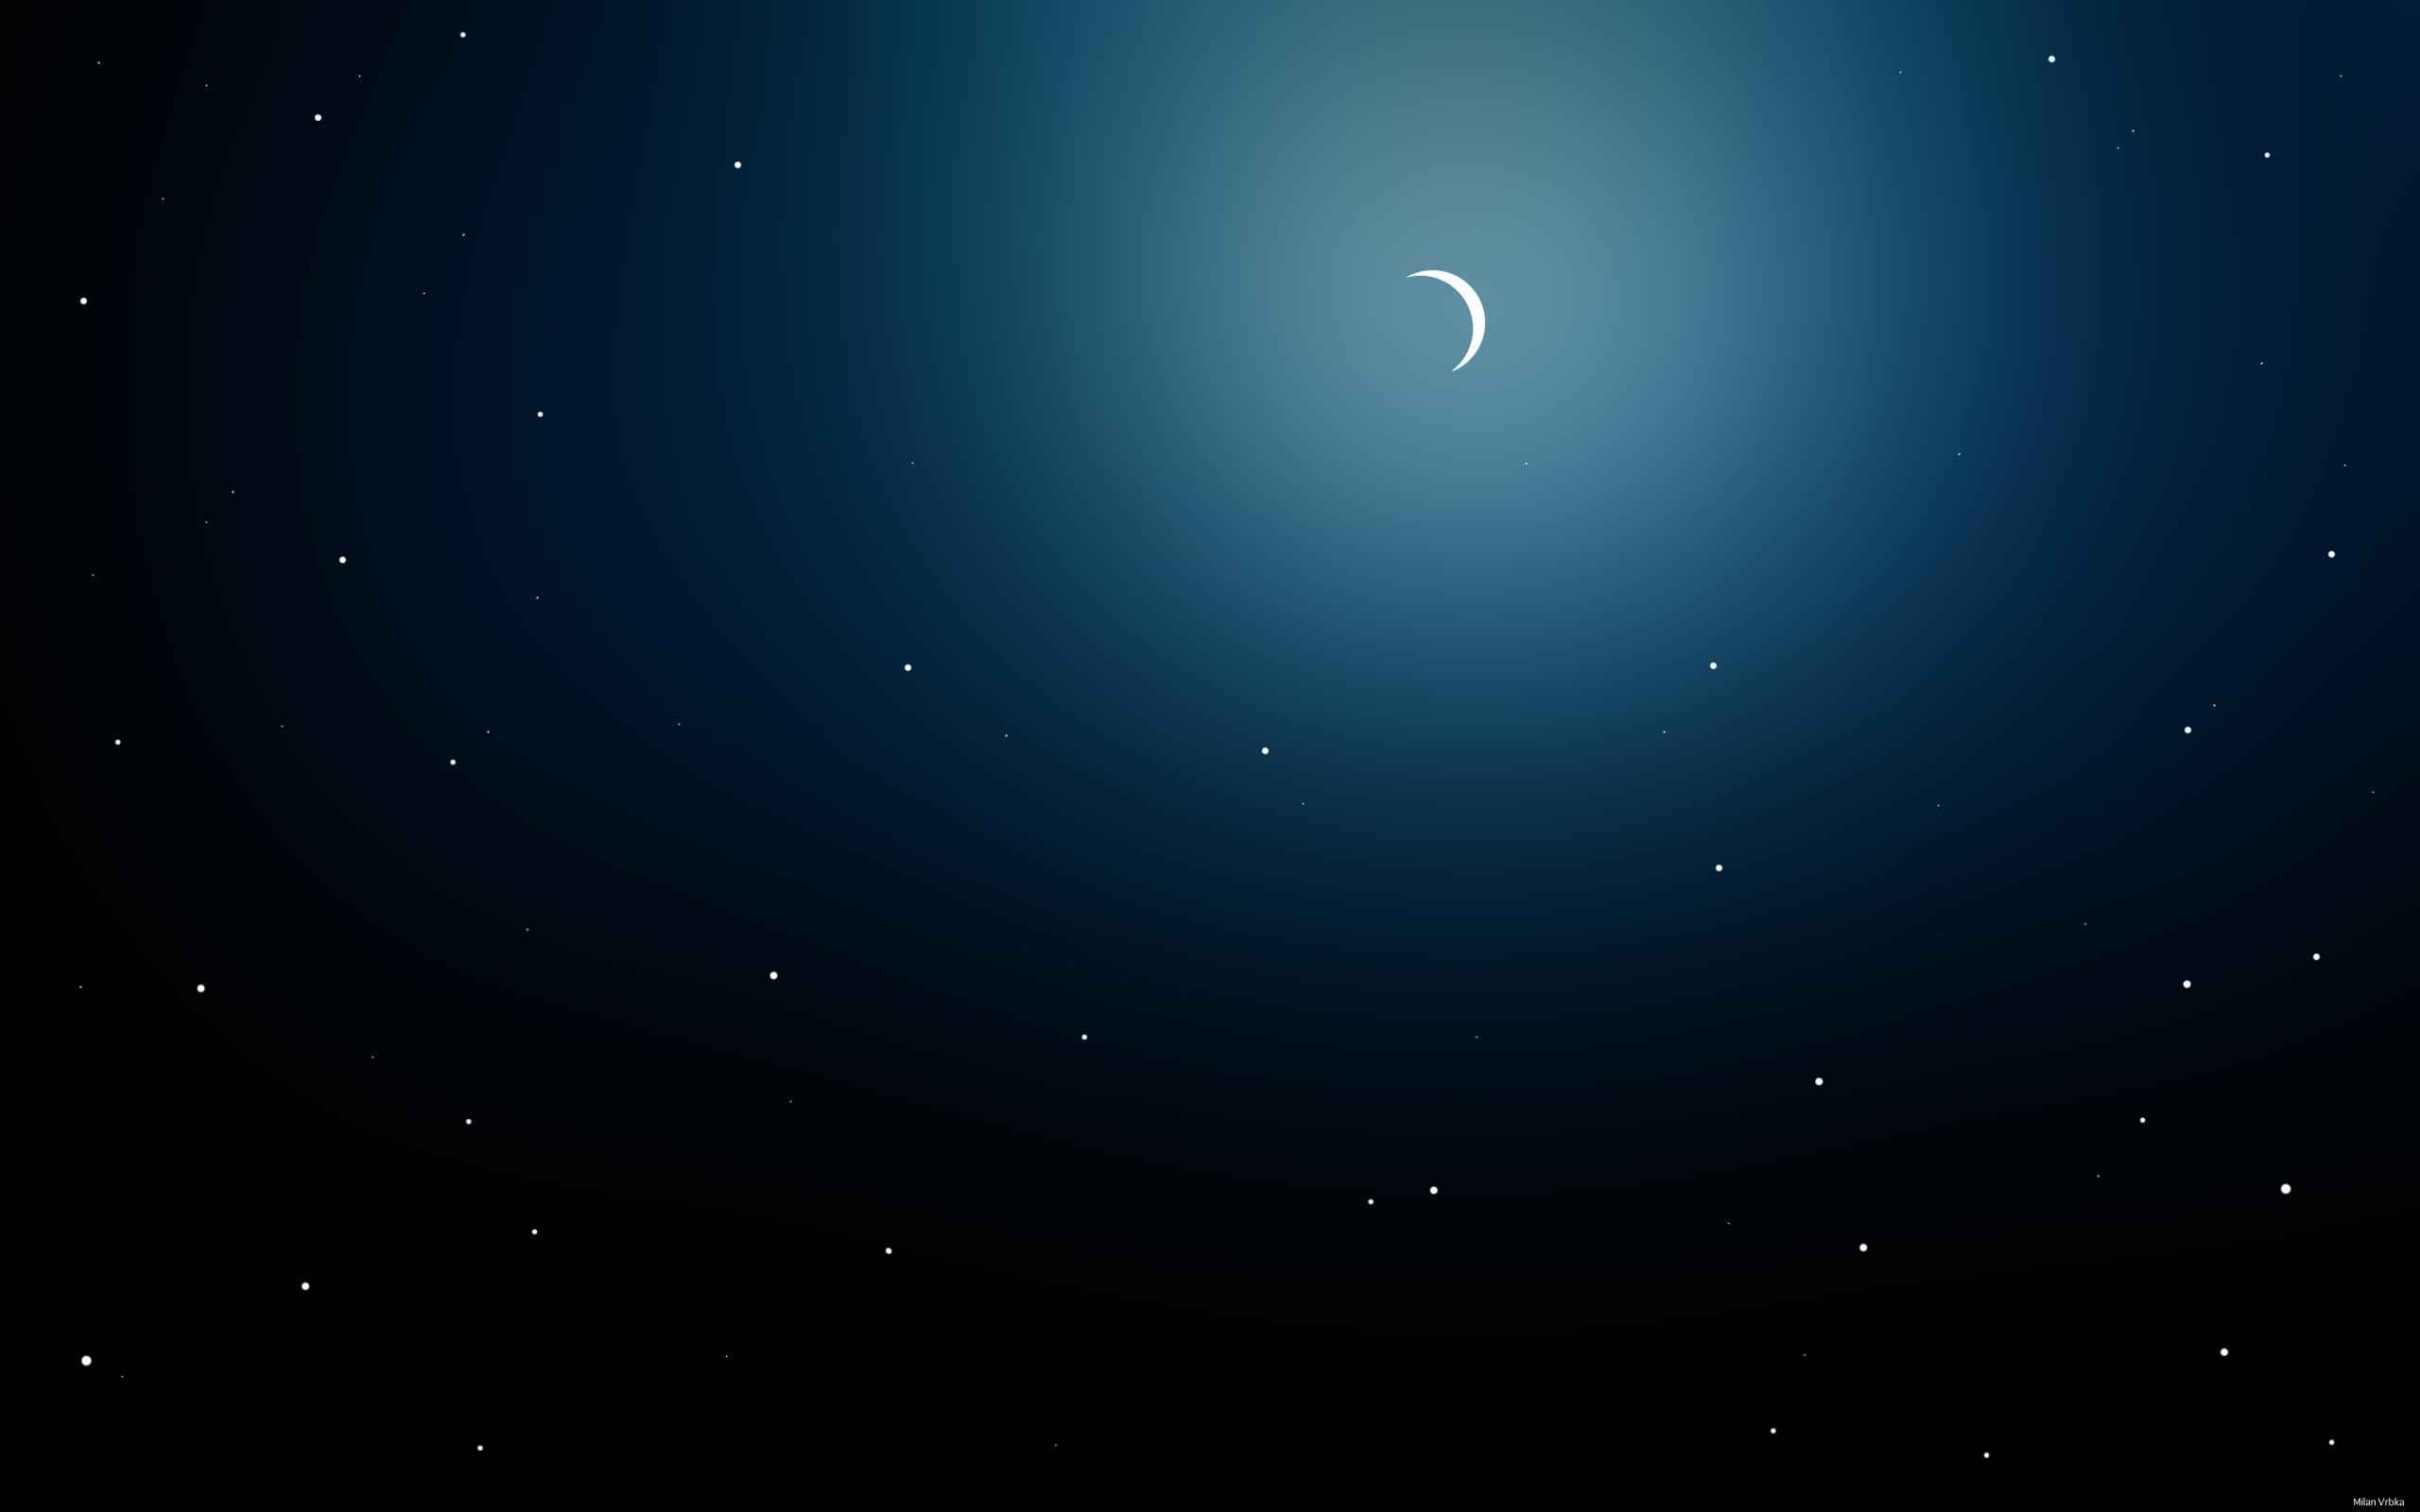 Png Night Sky Transparent Night Skypng Images Pluspng